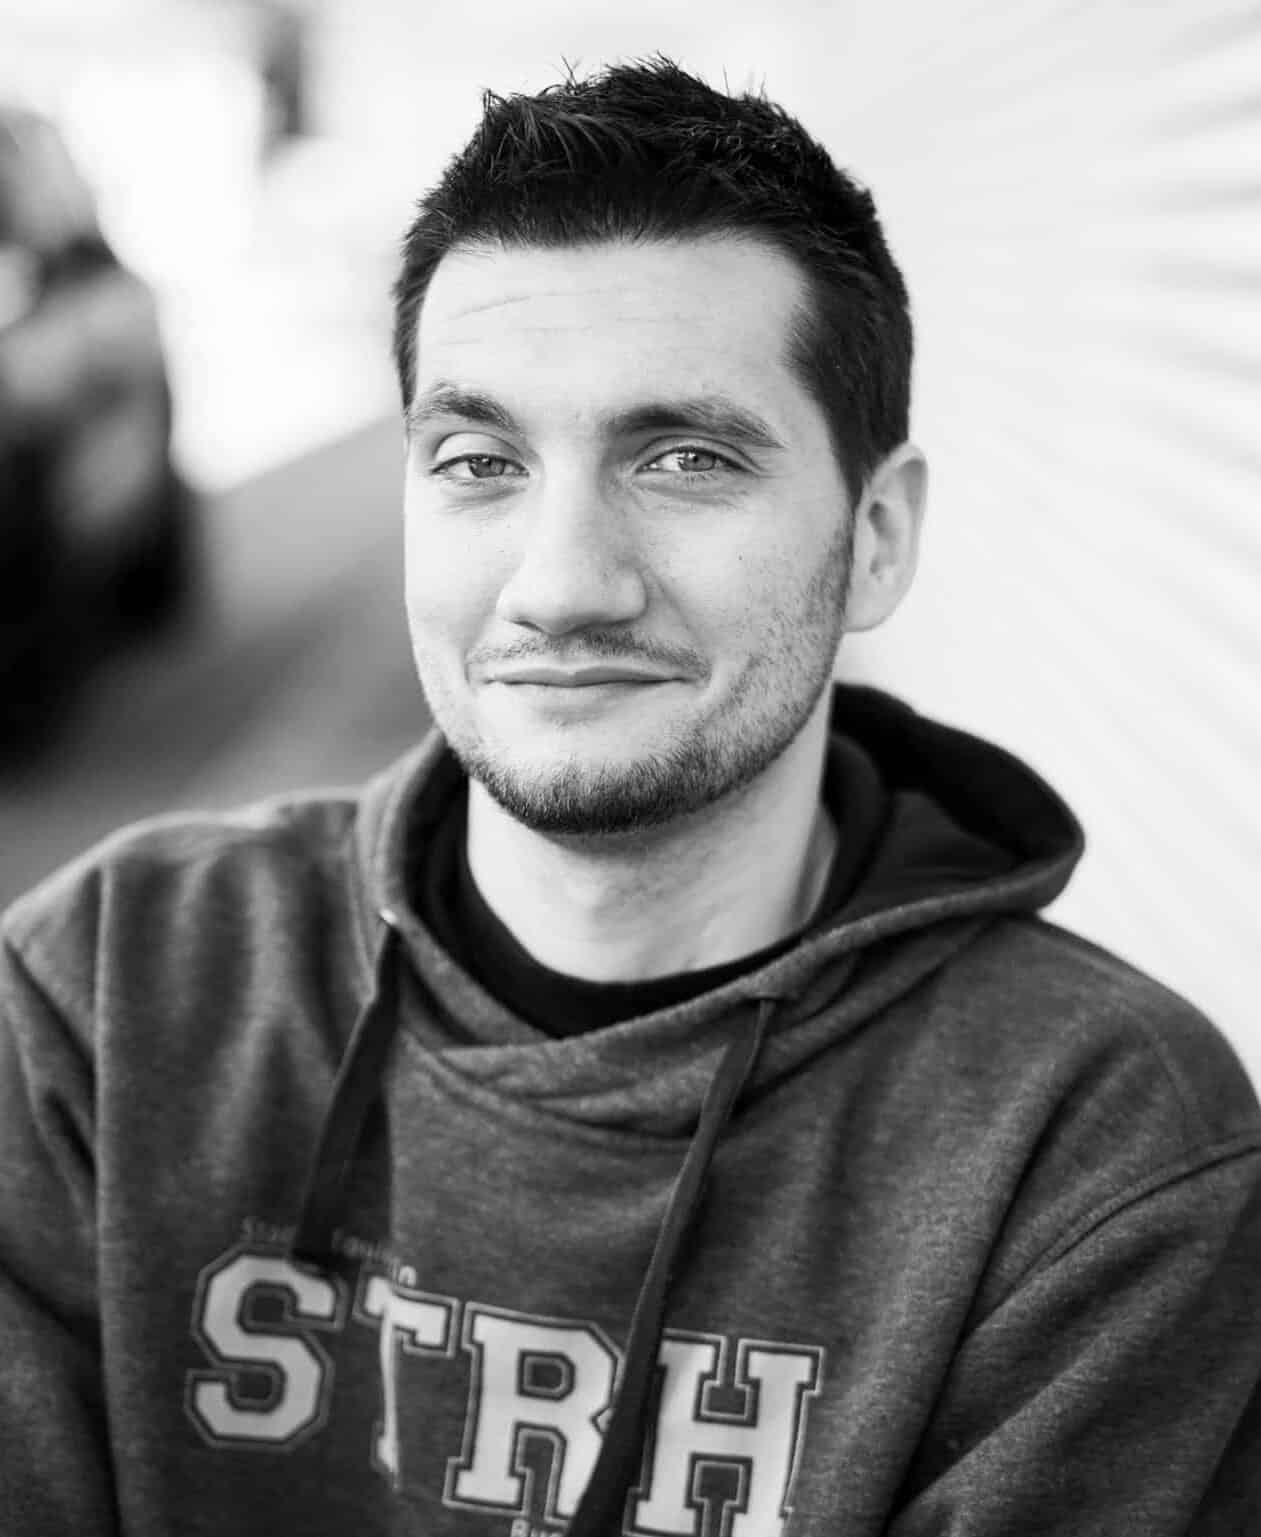 Portrait de Mathieu Thiriet, athlète paralympique en rugby